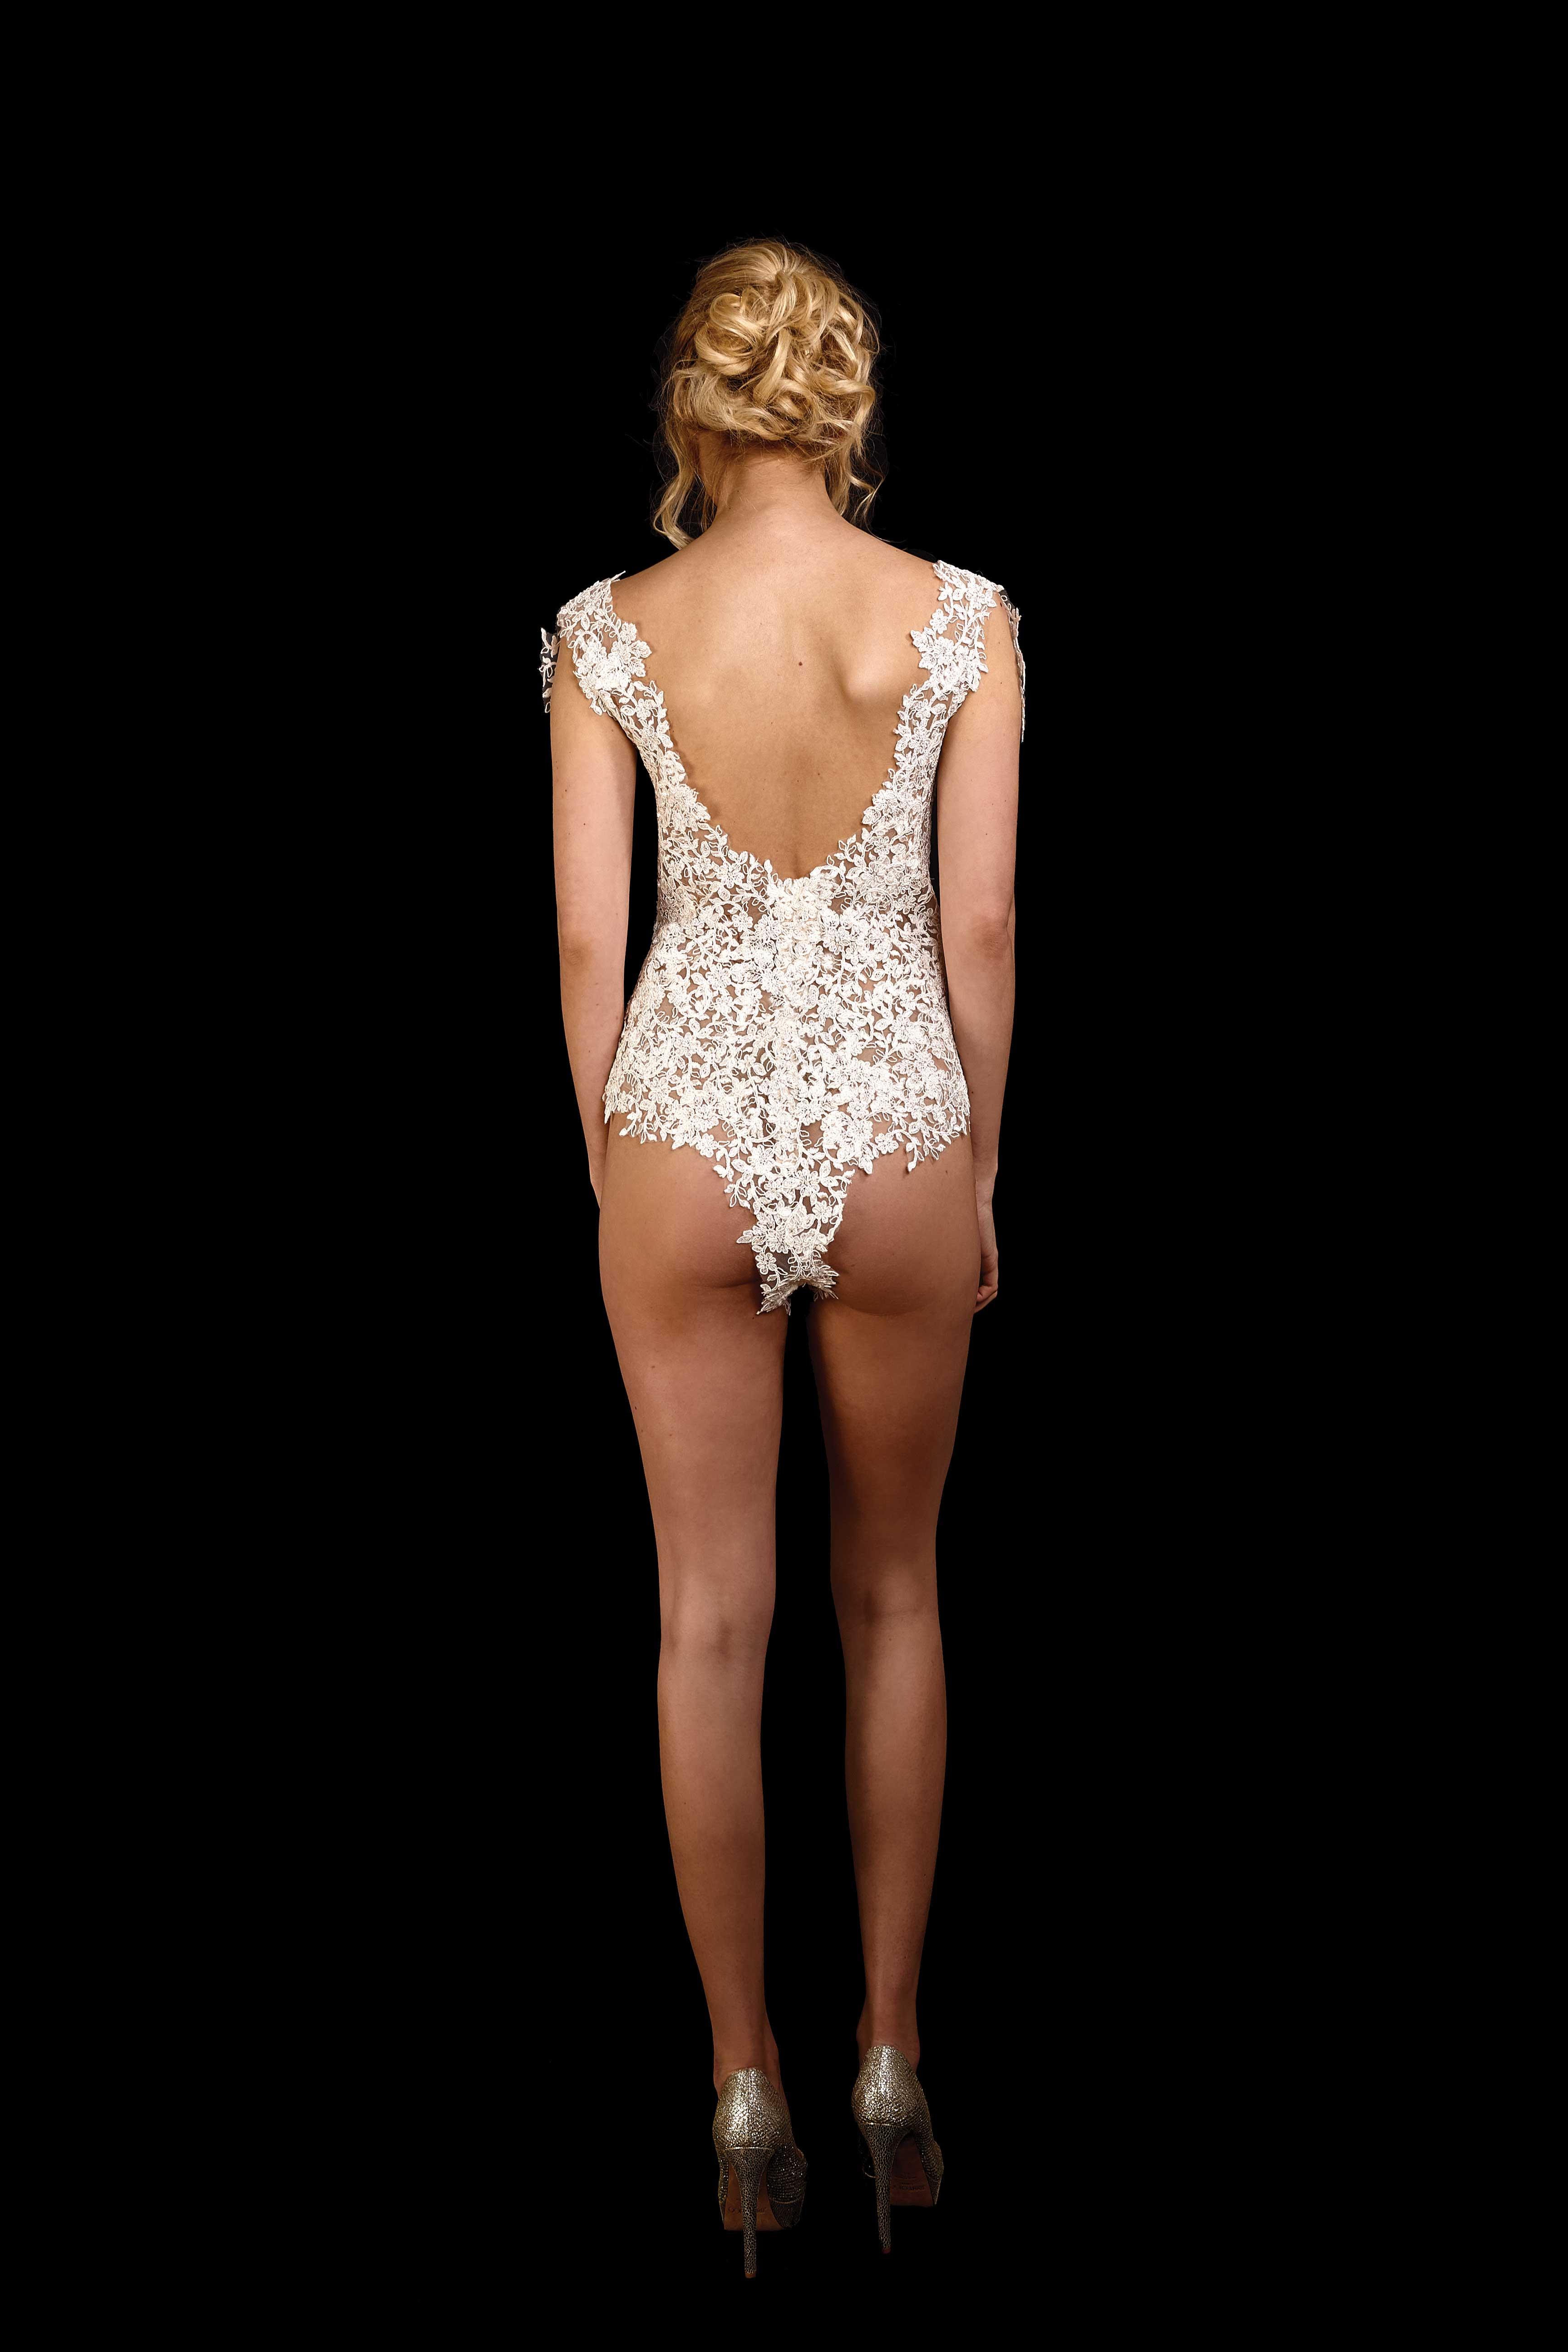 Rückenansicht Body aus Spitze mit tiefem U-Ausschnitt im Rücken in ivory